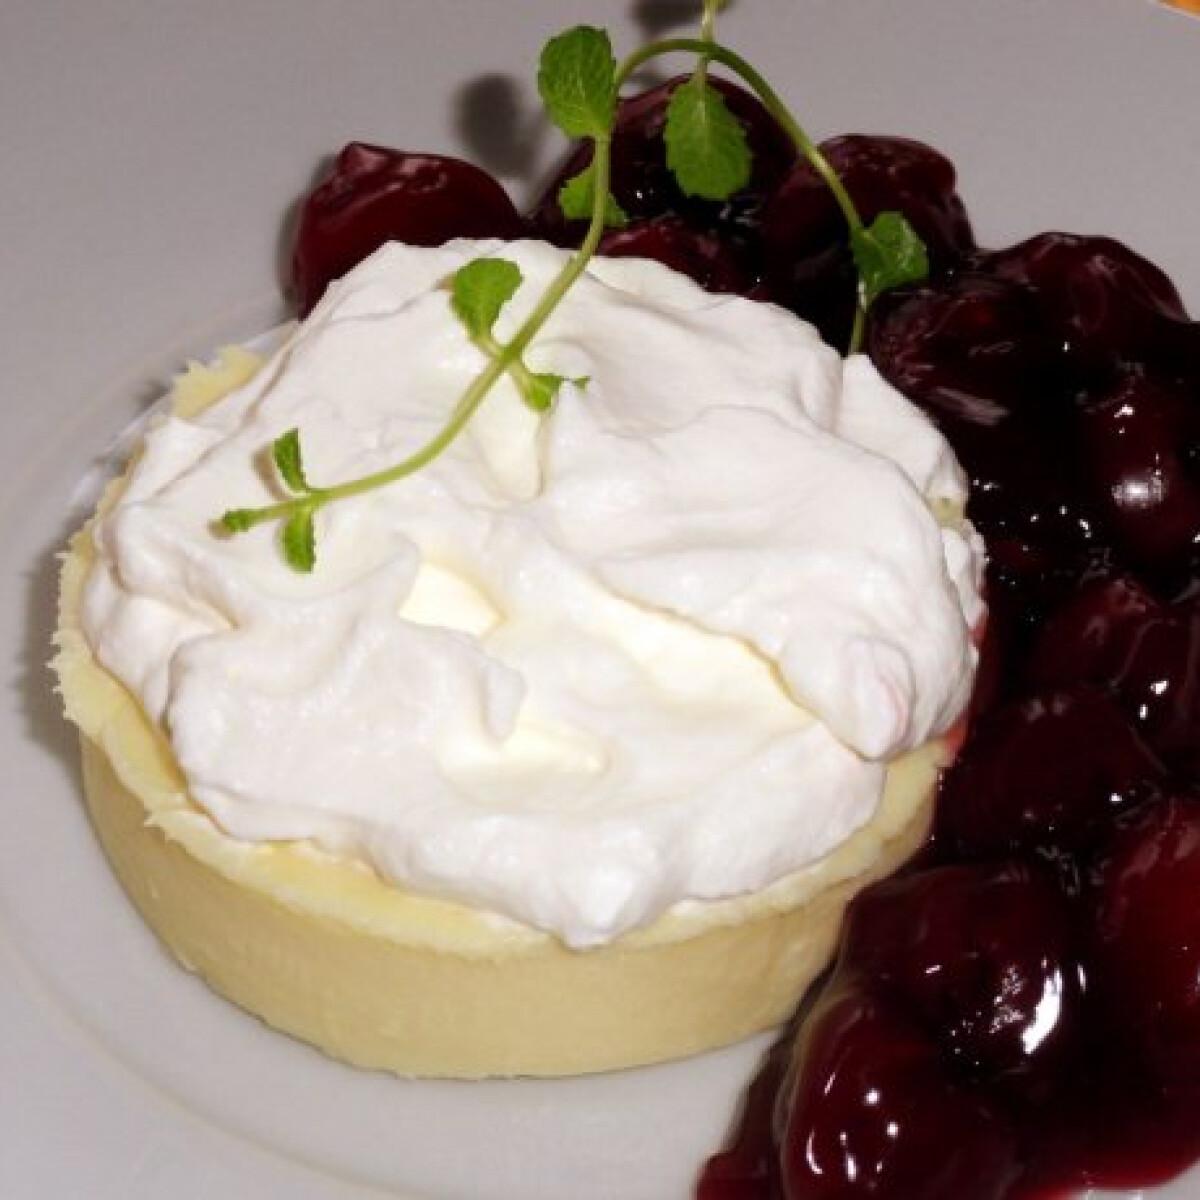 Ezen a képen: Fehér gateau au chocolat rumos cseresznyével